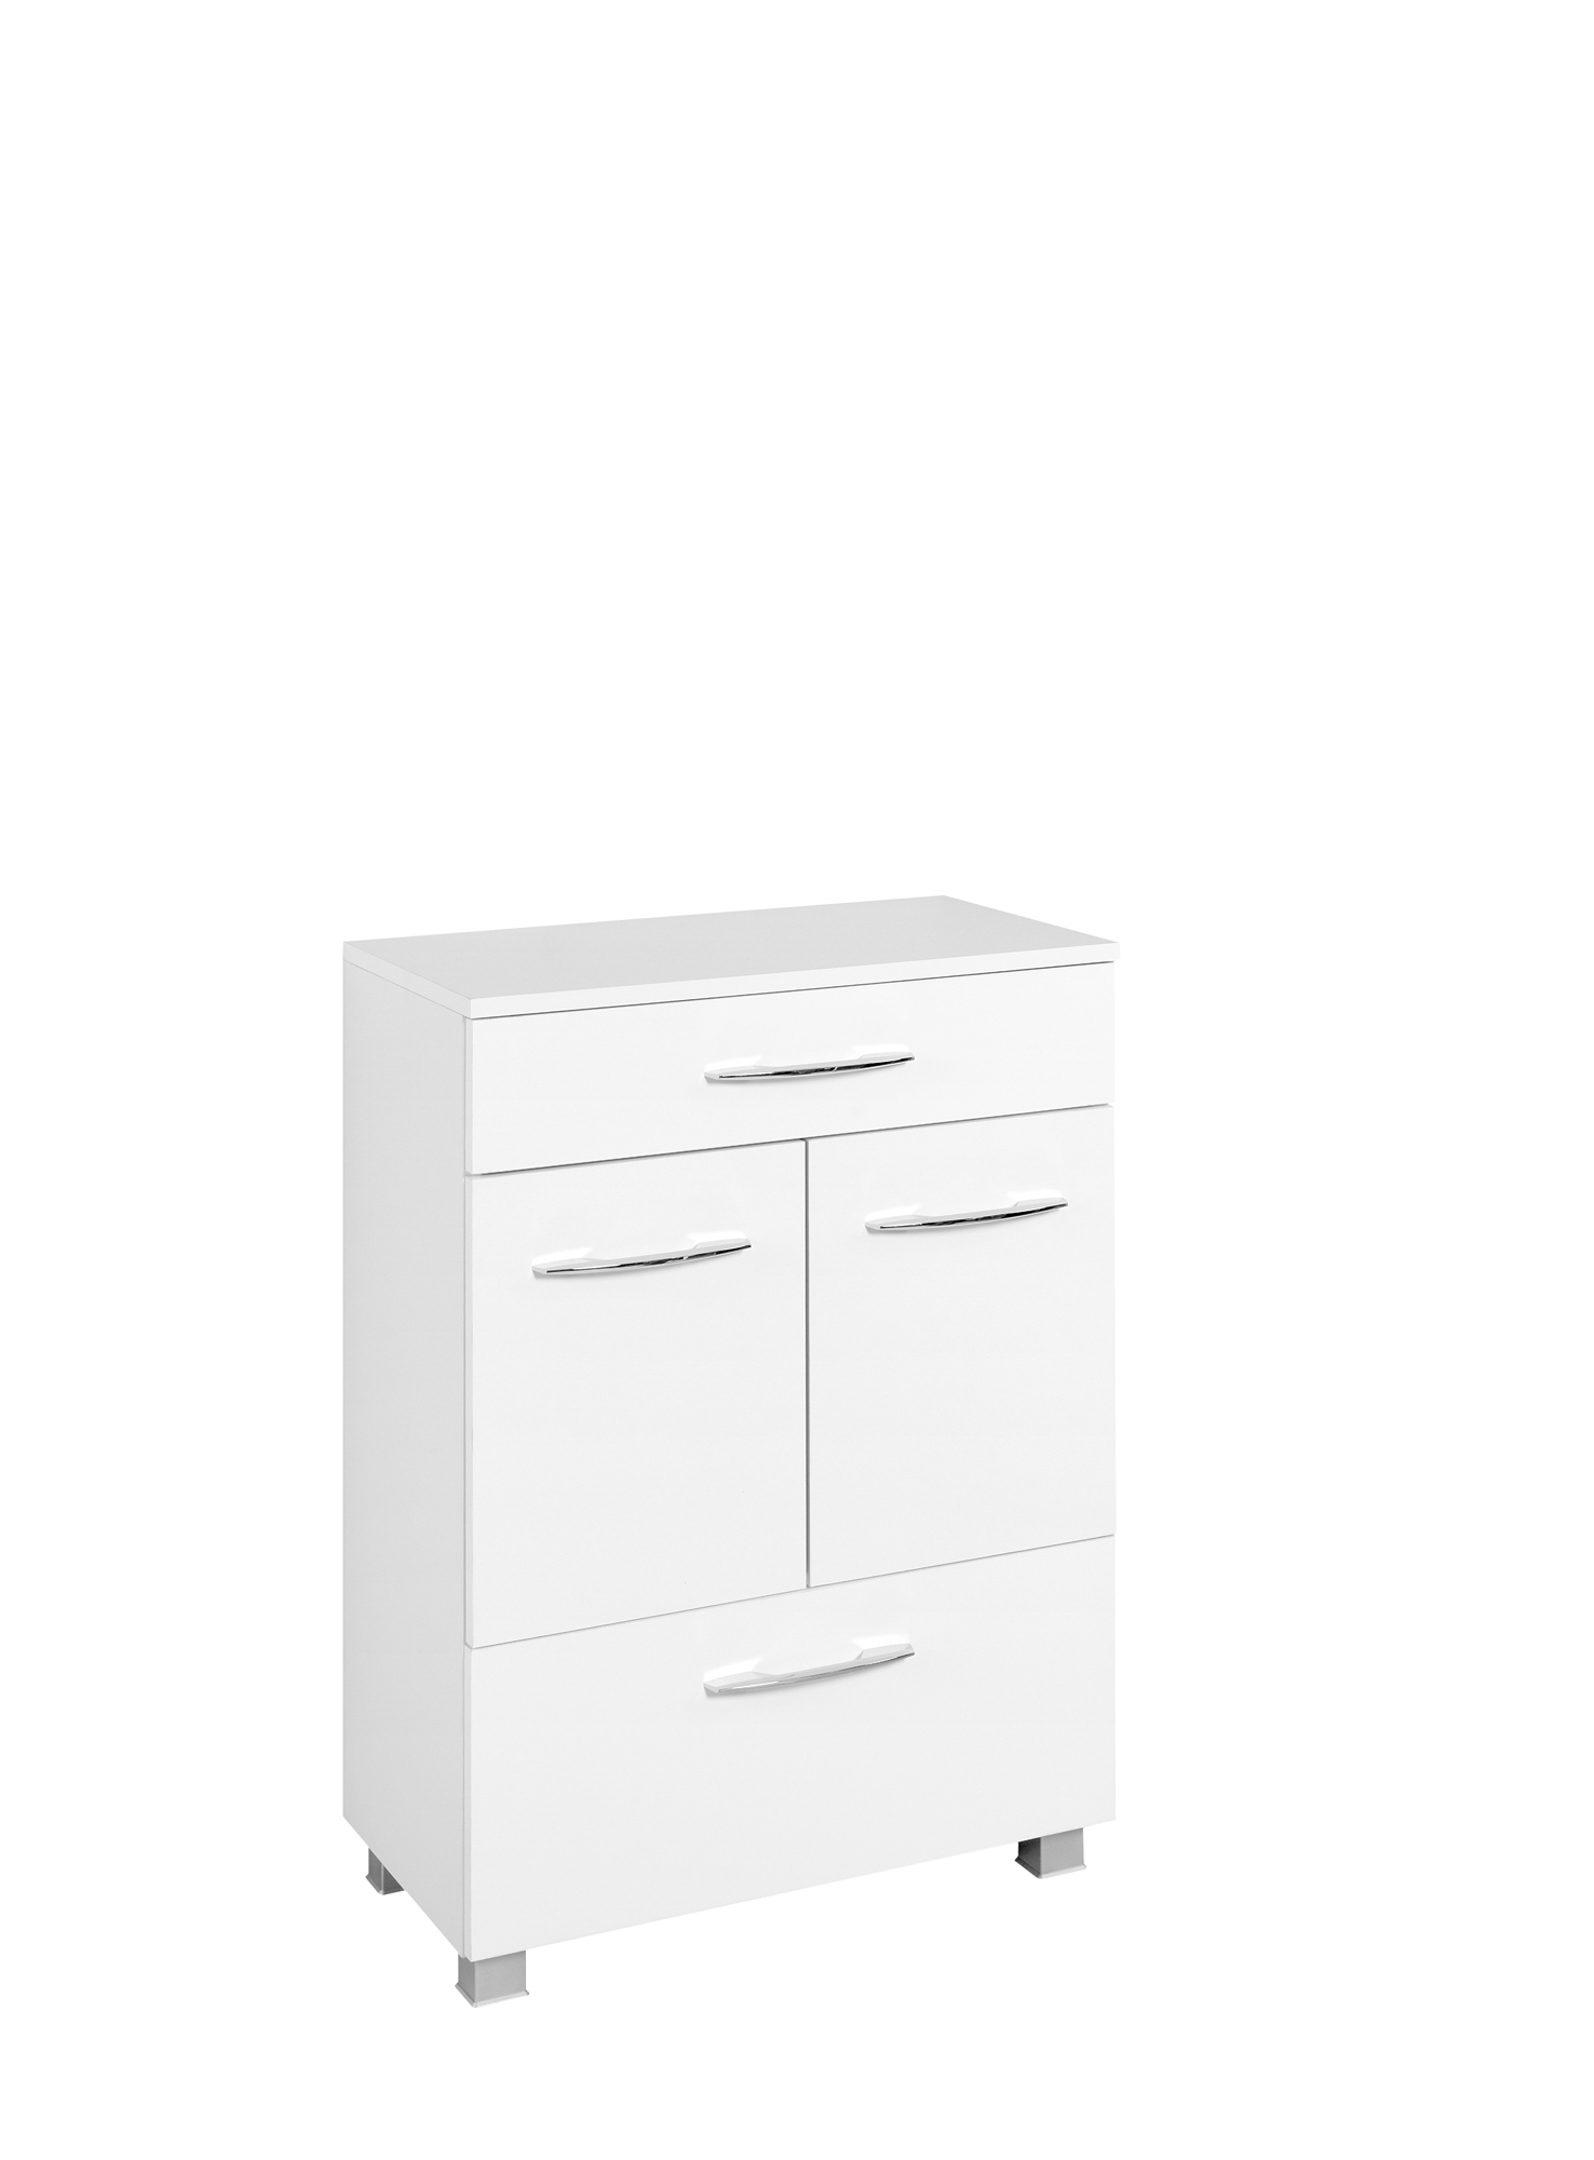 Bad-Unterschrank Portofino, weiße Kunststoffoberflächen – zwei Türen, eine  Schublade & ein Auszug, Breite ca. 60 cm